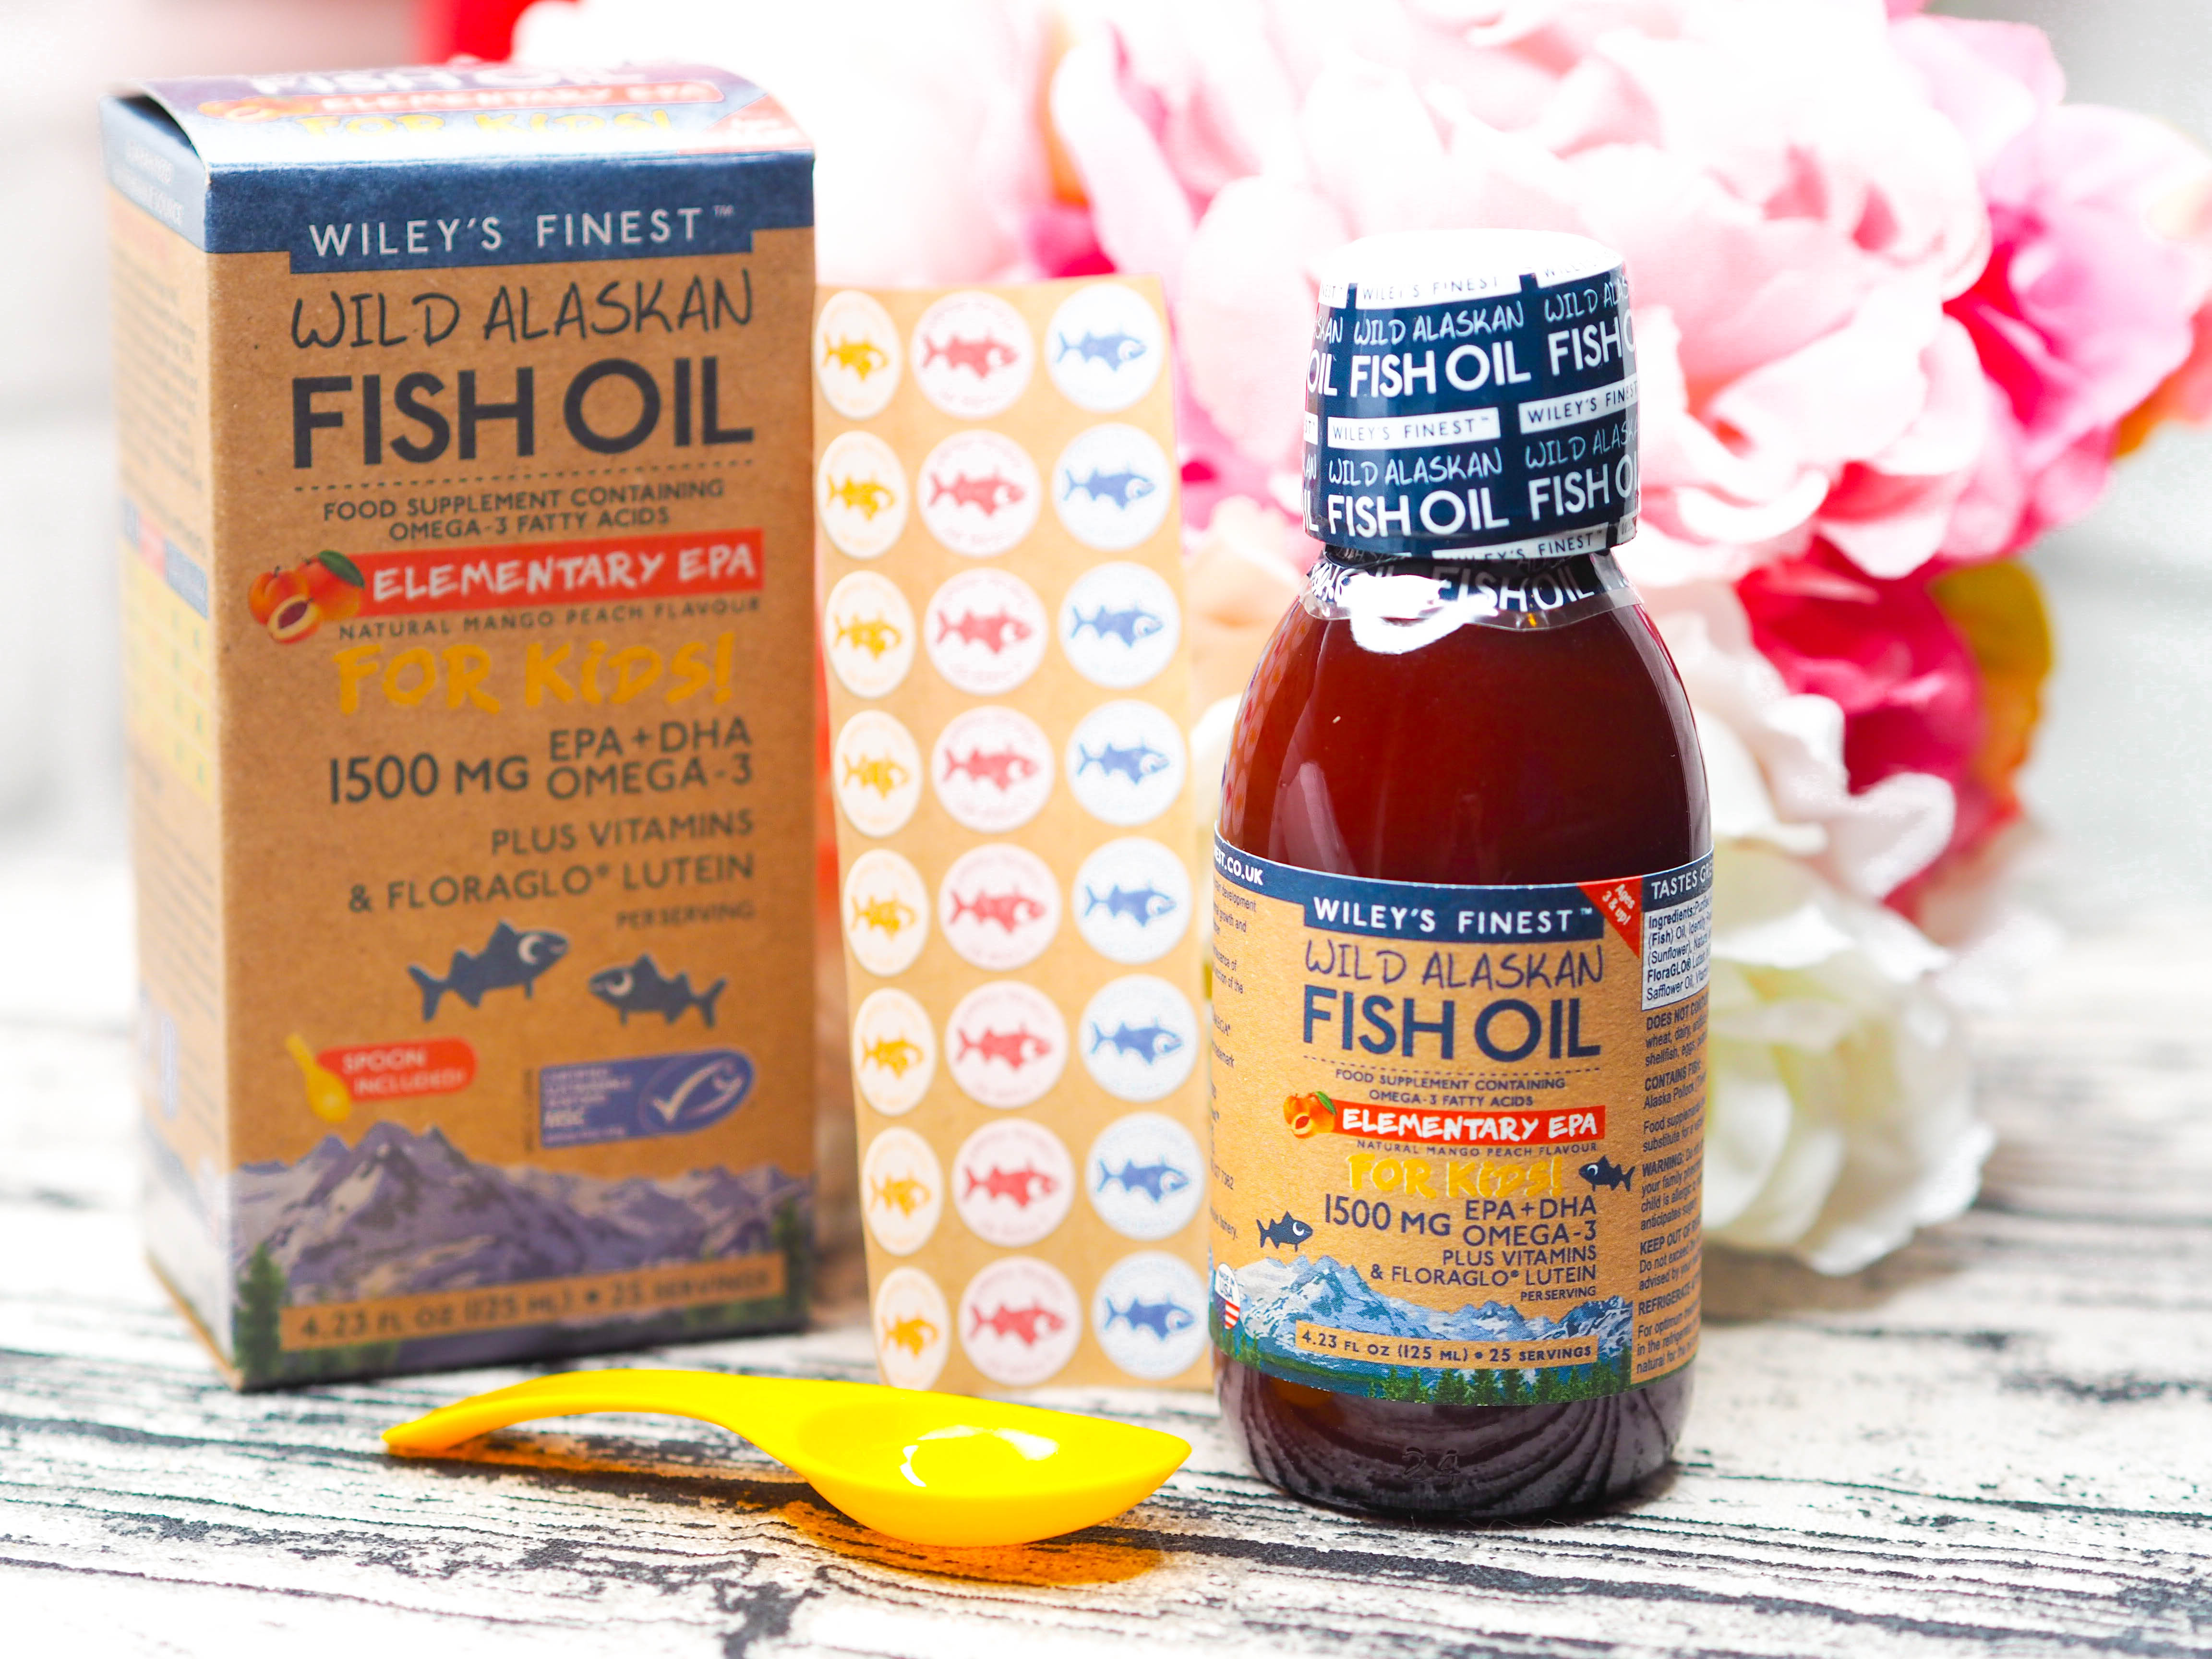 Wiley's Finest Beginner's DHA Wild Alaskan Fish Oil for Children